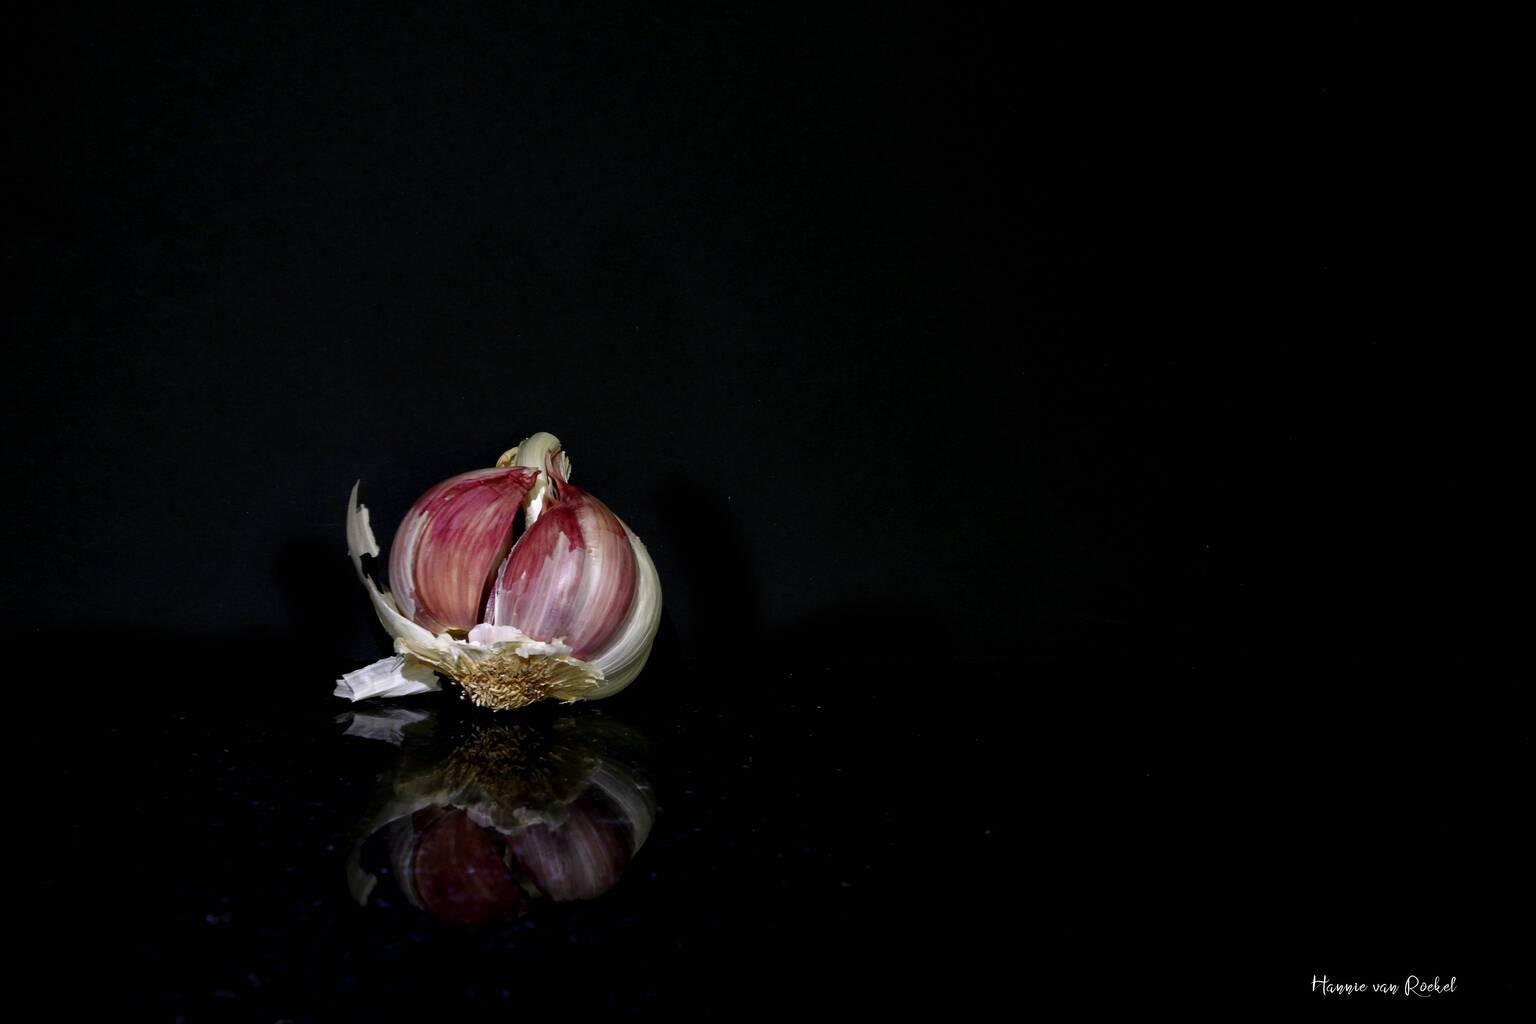 reflectie - zachte reflectie  - foto door crazydiamond op 09-04-2021 - deze foto bevat: reflectie, food, bloem, fabriek, bloemblaadje, flitsfotografie, terrestrische plant, bloeiende plant, waterplant, kunst, duisternis, macrofotografie